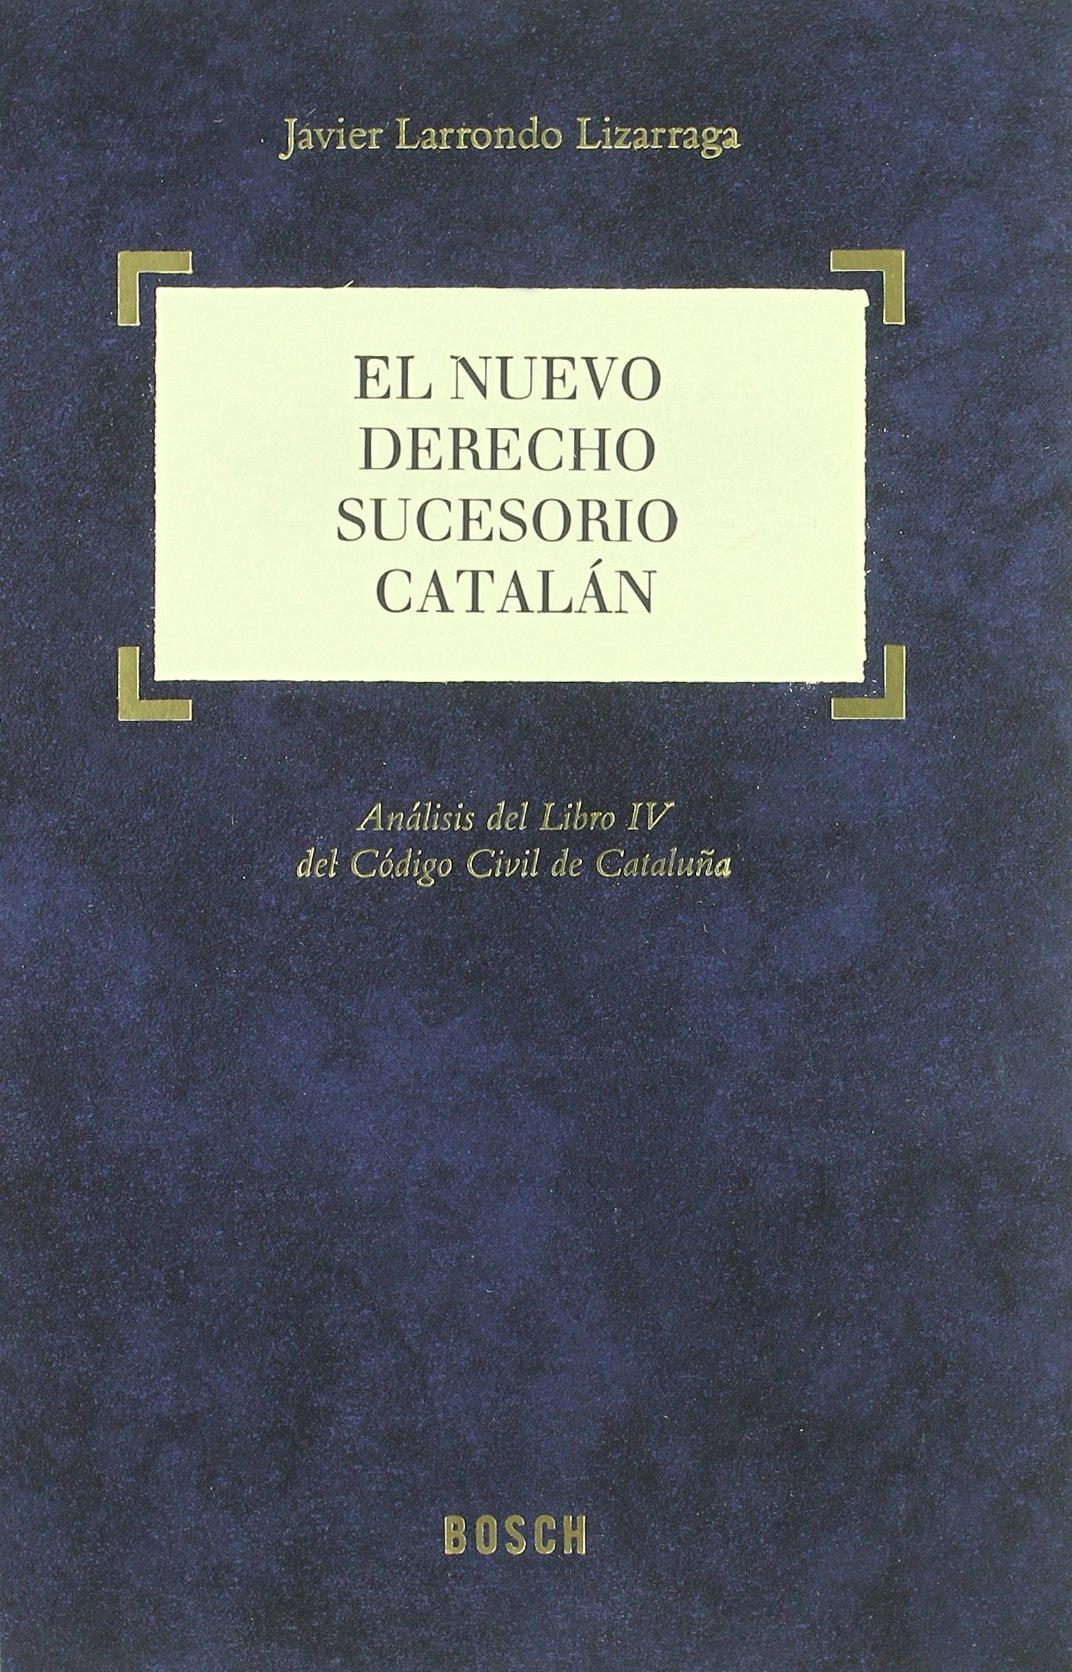 El nuevo derecho sucesorio catalan. analisis del libro IV ...